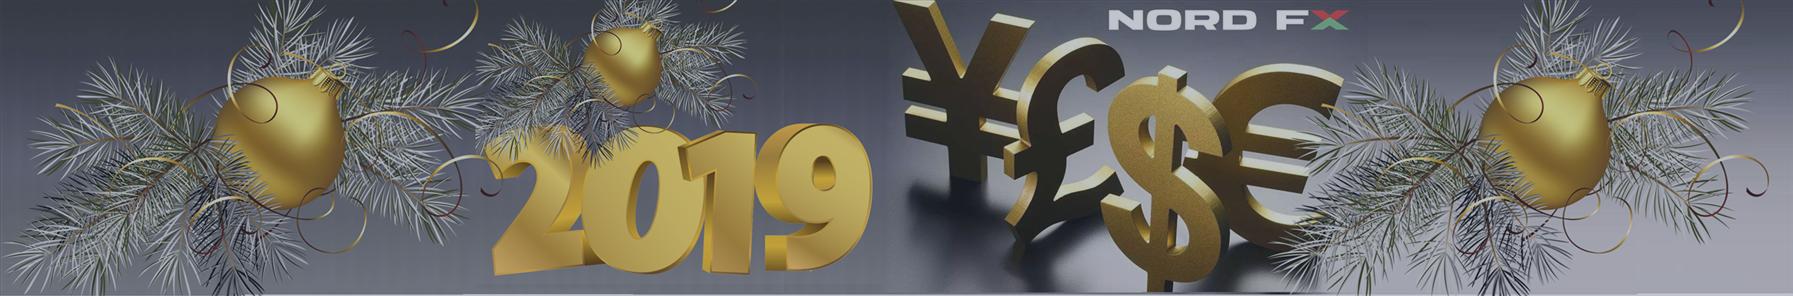 Финансовые итоги 2018г. и форекс-прогноз на 2019г.